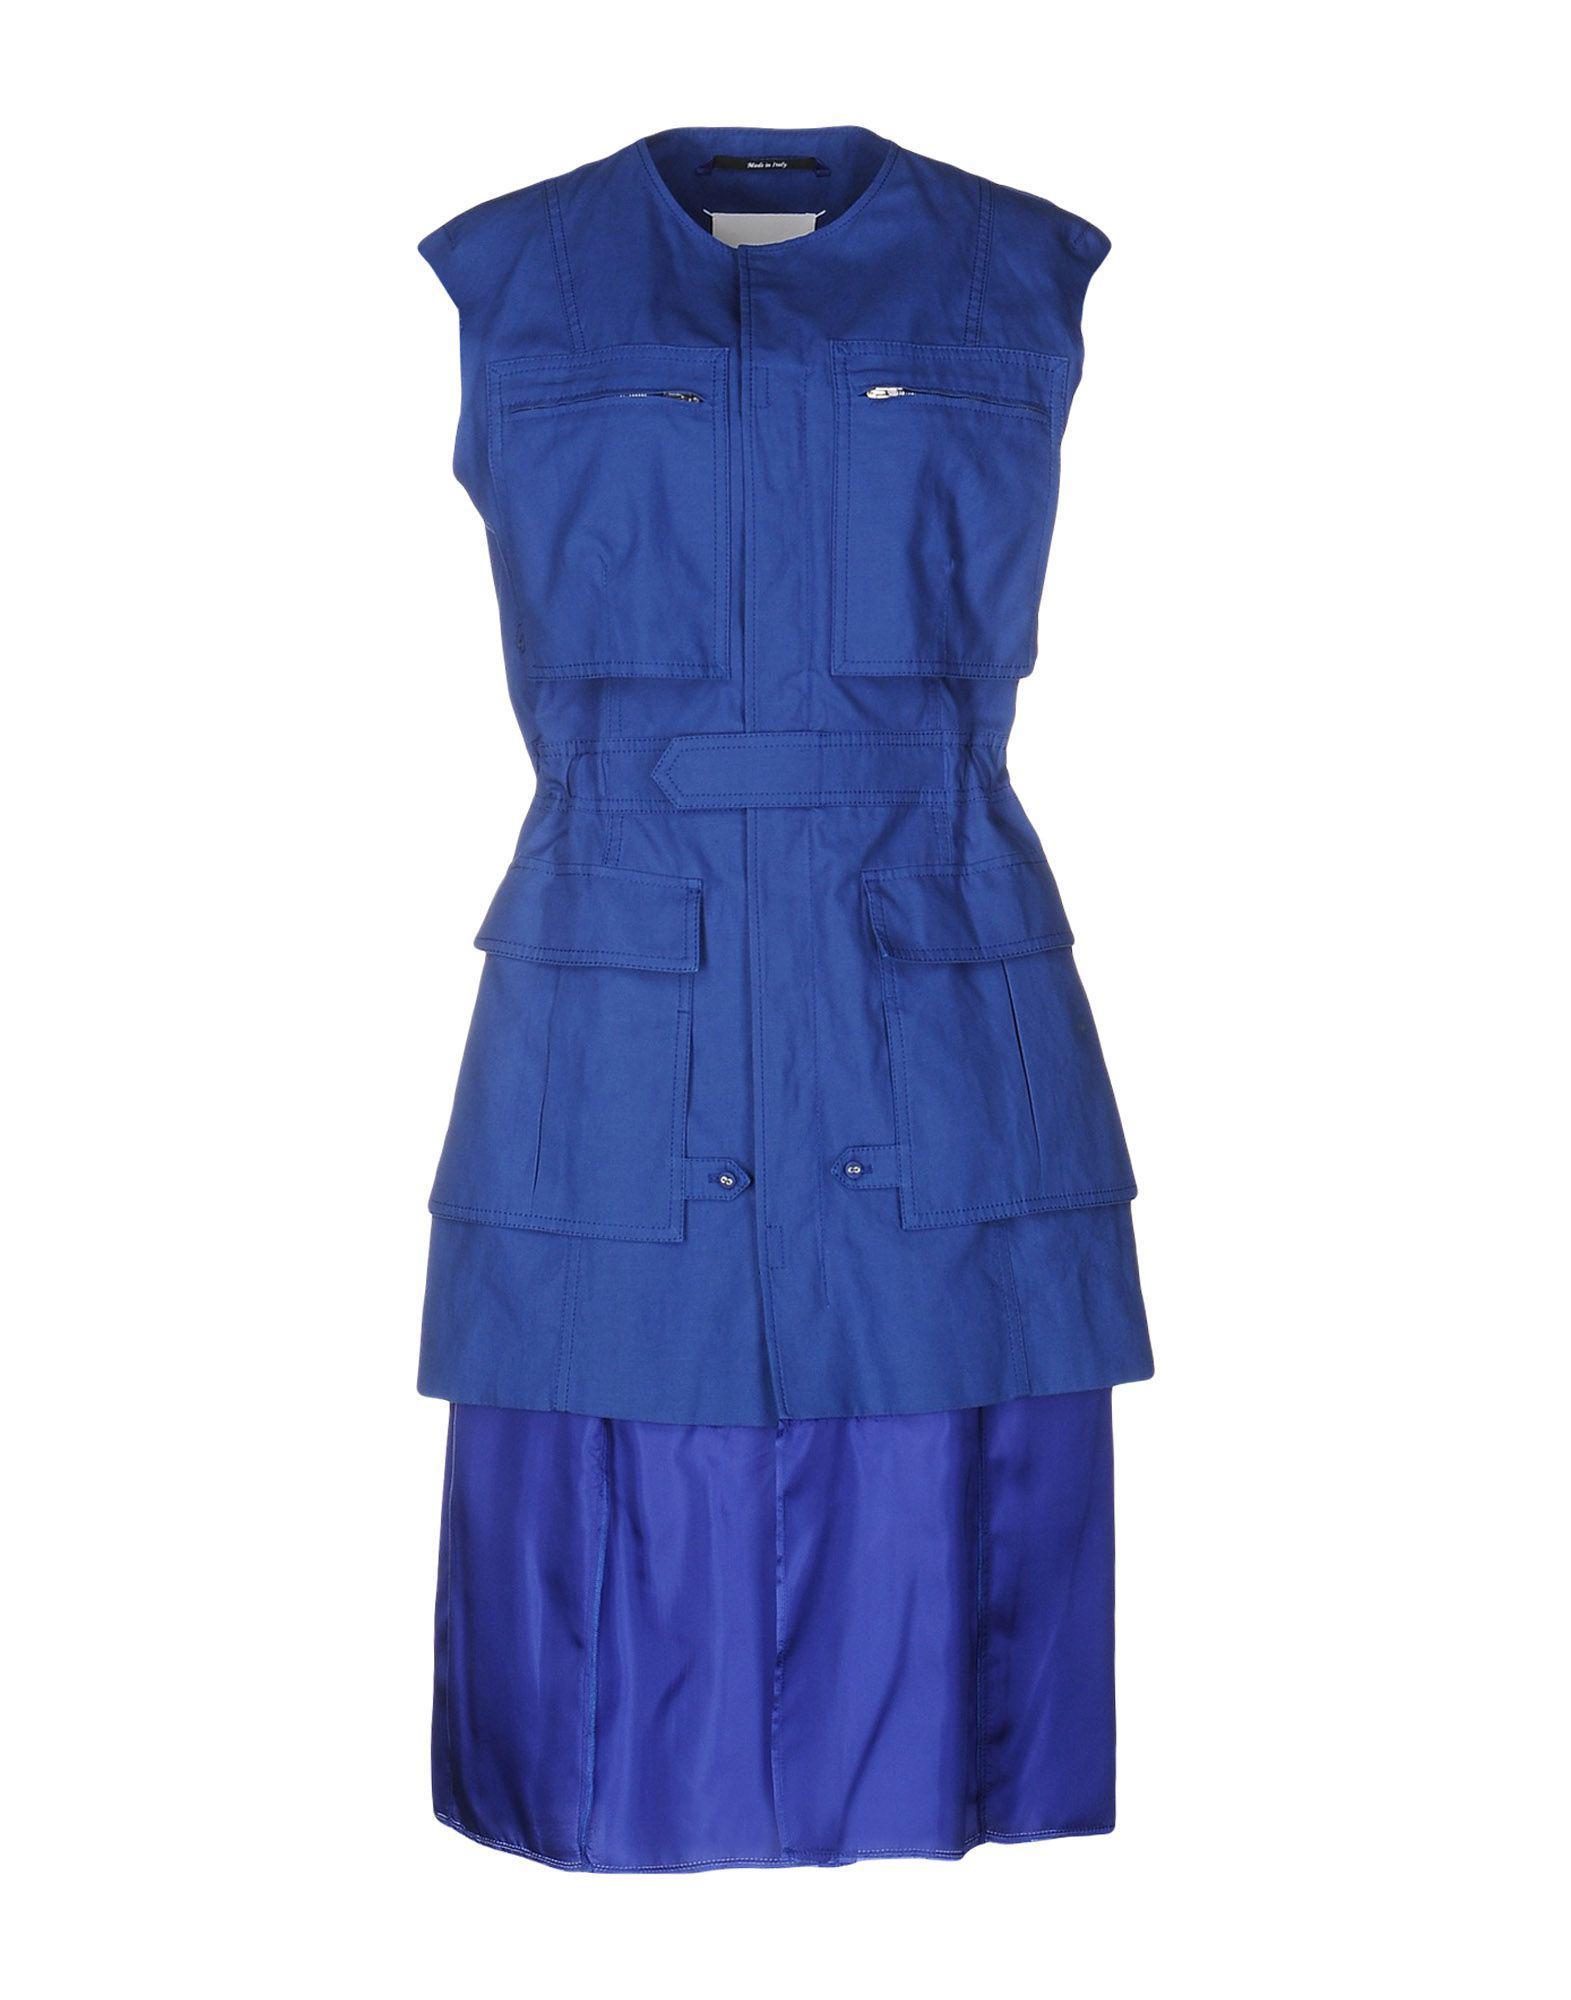 Aux Bleu Maison Genoux En Lyst Margiela Coloris Robe thQdCrs